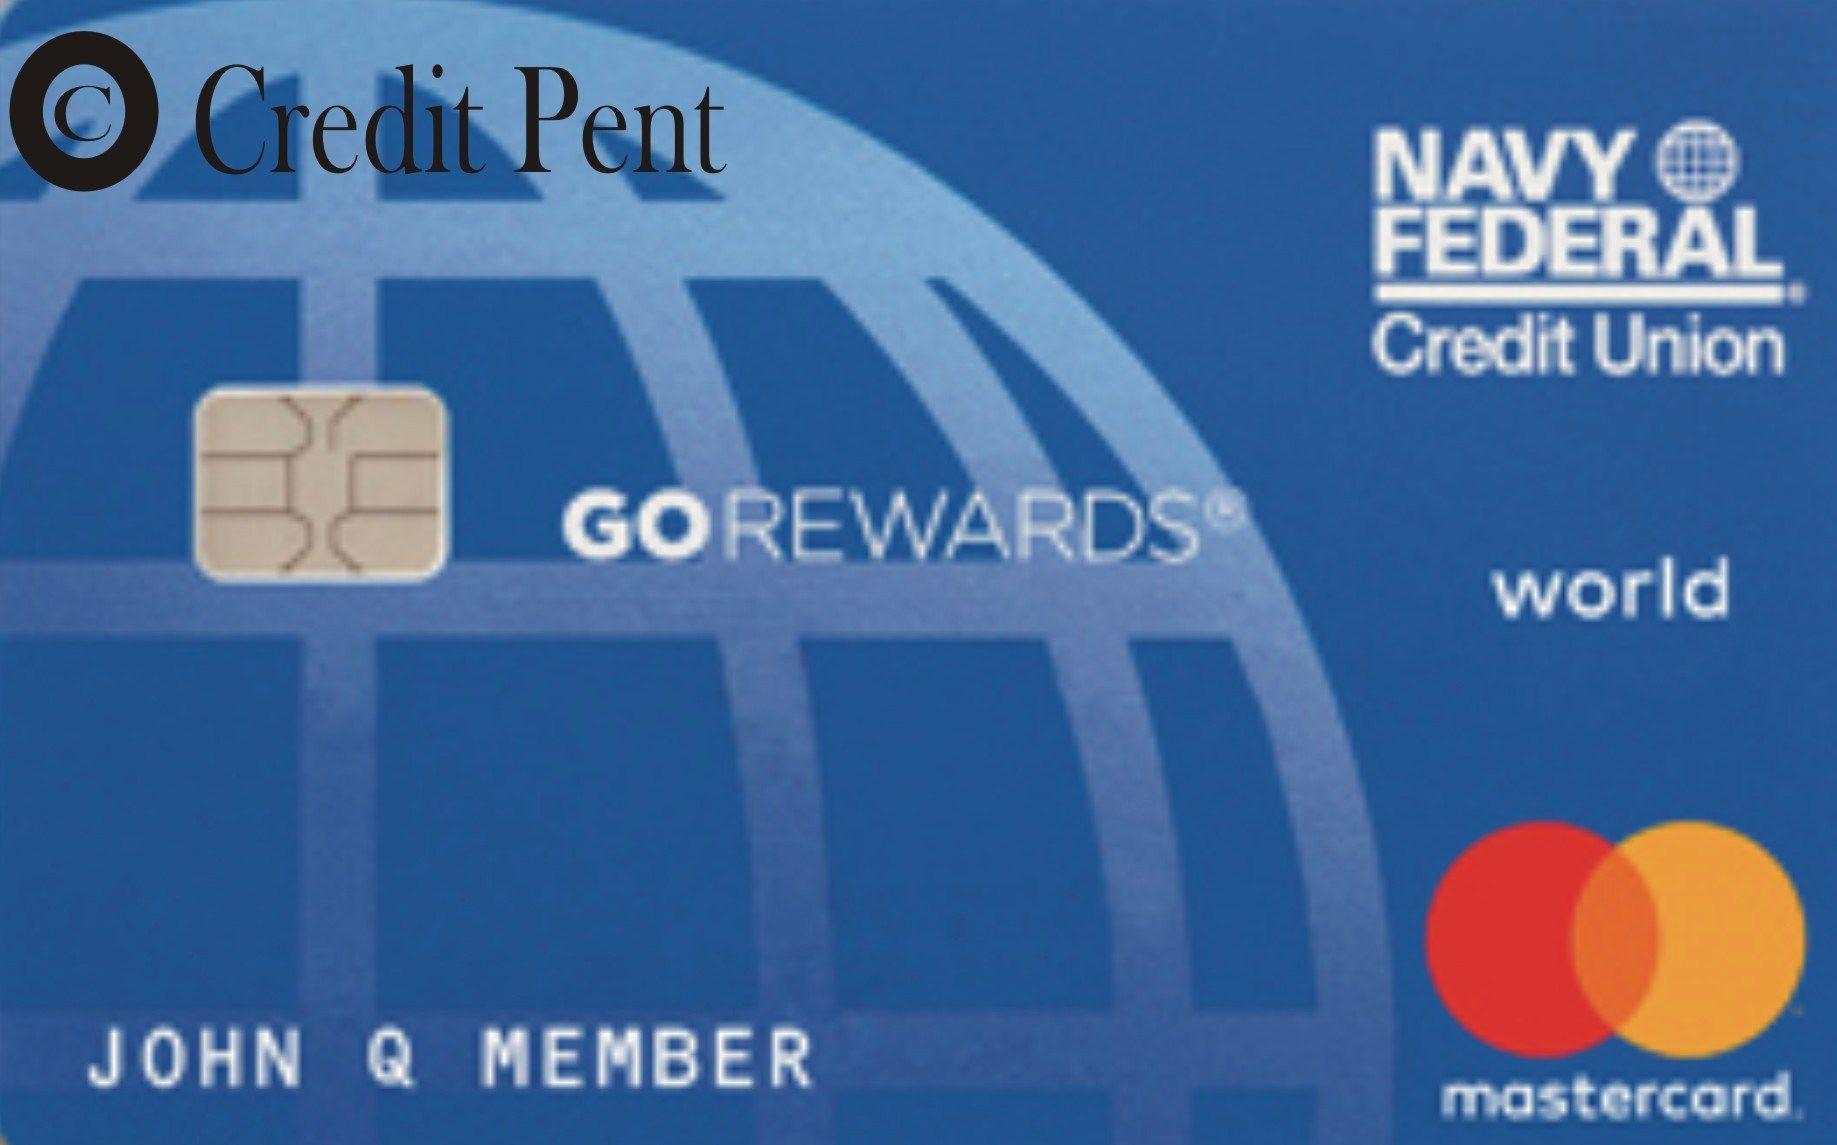 Go Rewards Credit Card Best Travel Rewards Credit Card No Annual Fee Travel Rewards Credit Cards Rewards Credit Cards Travel Rewards